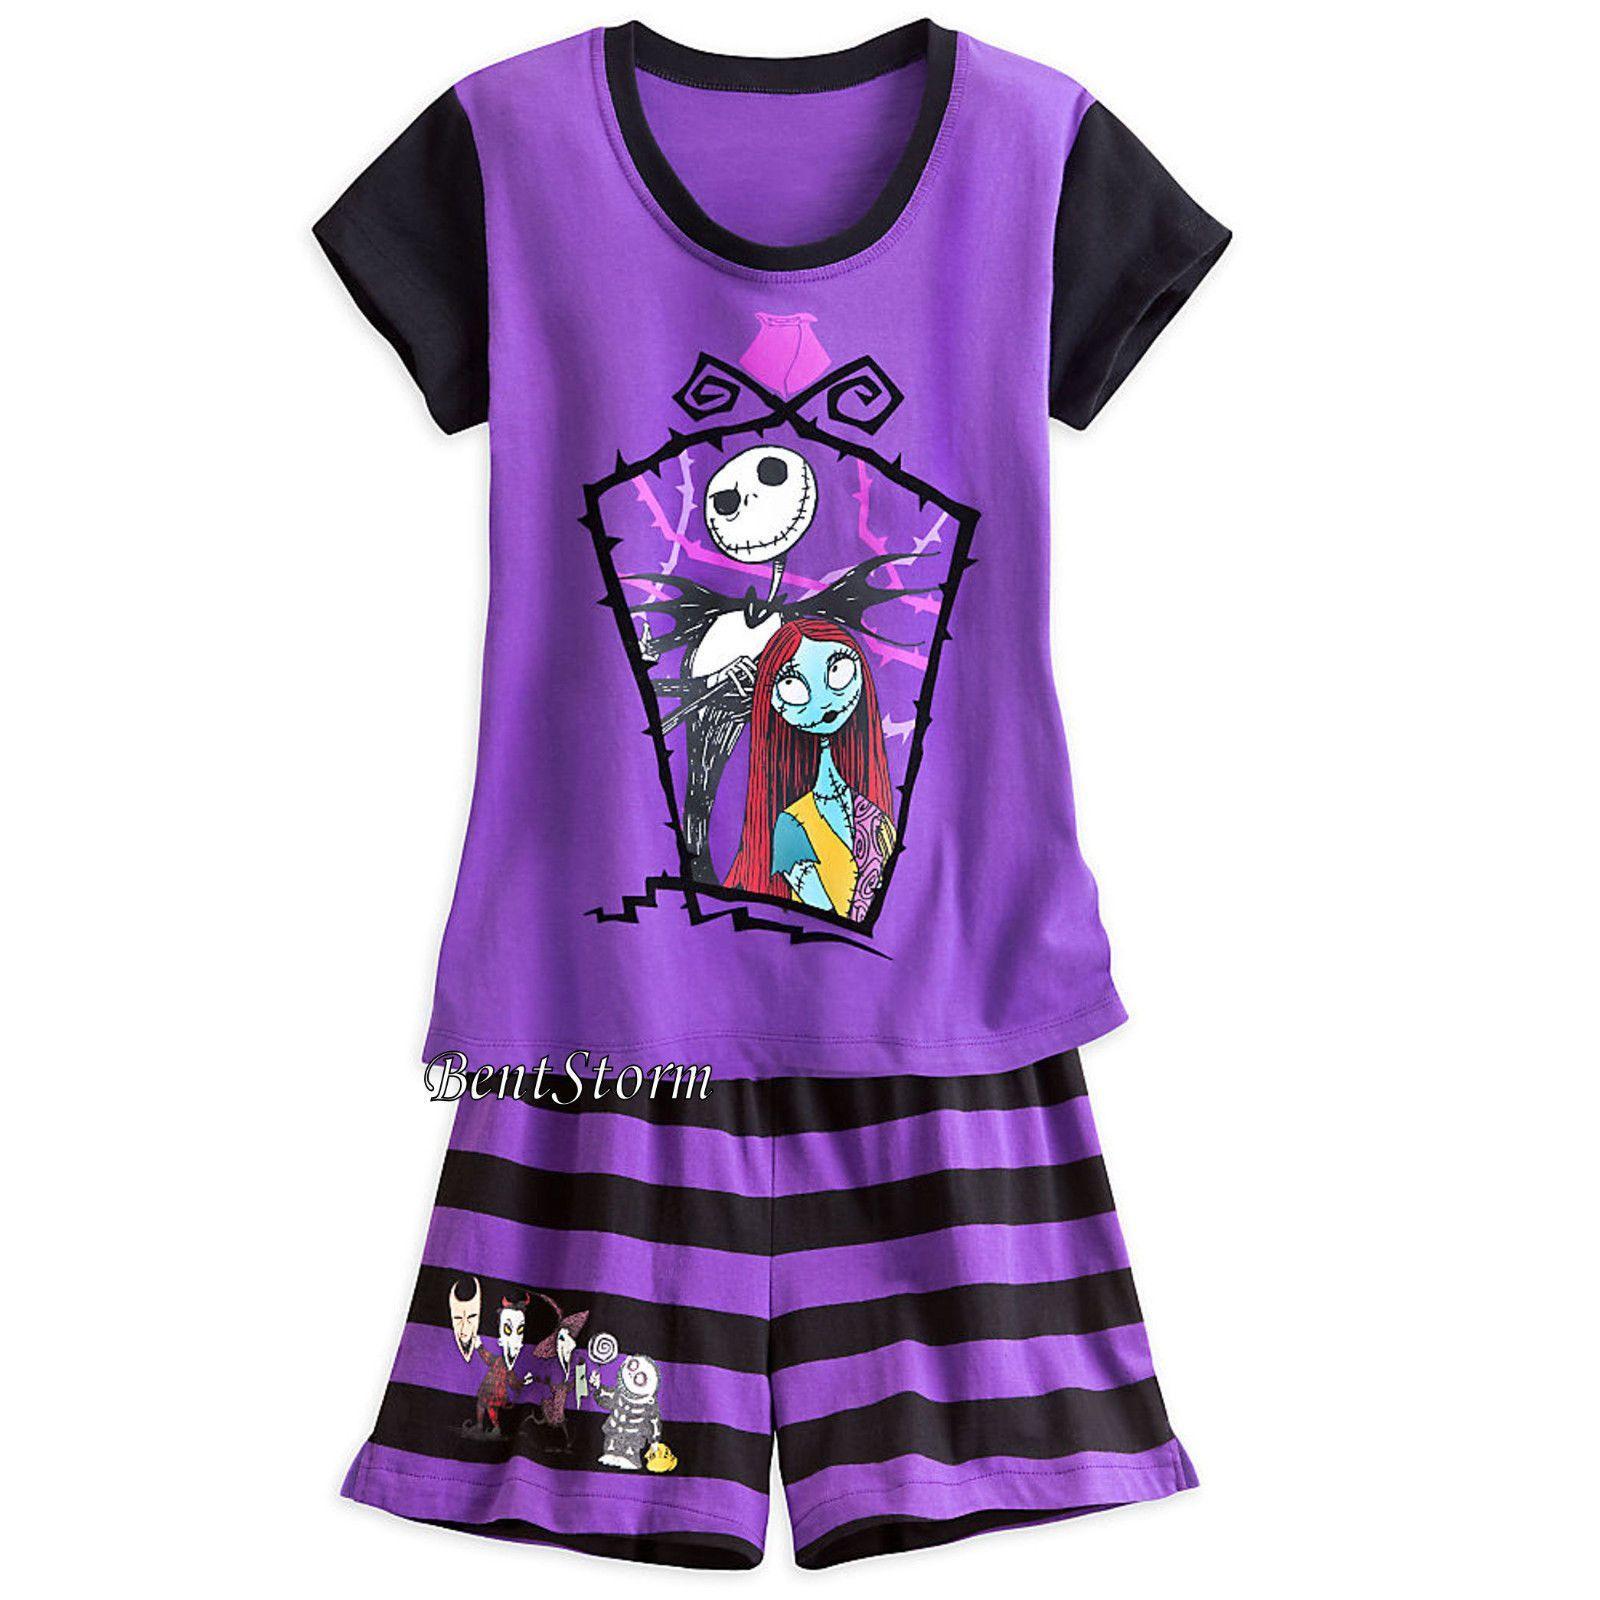 652392ecb The Nightmare Before Christmas Jack Sally Short Pjs Pajamas Women Disney  Store